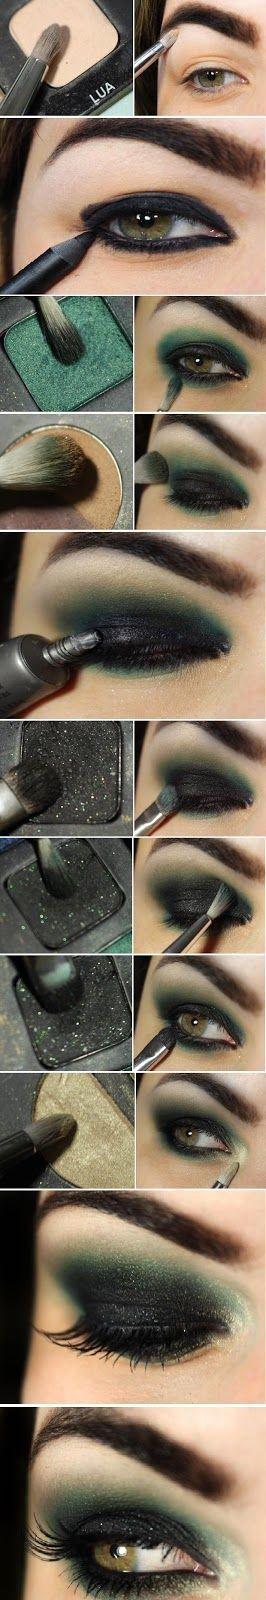 deep green eyes- good for Halloween makeup